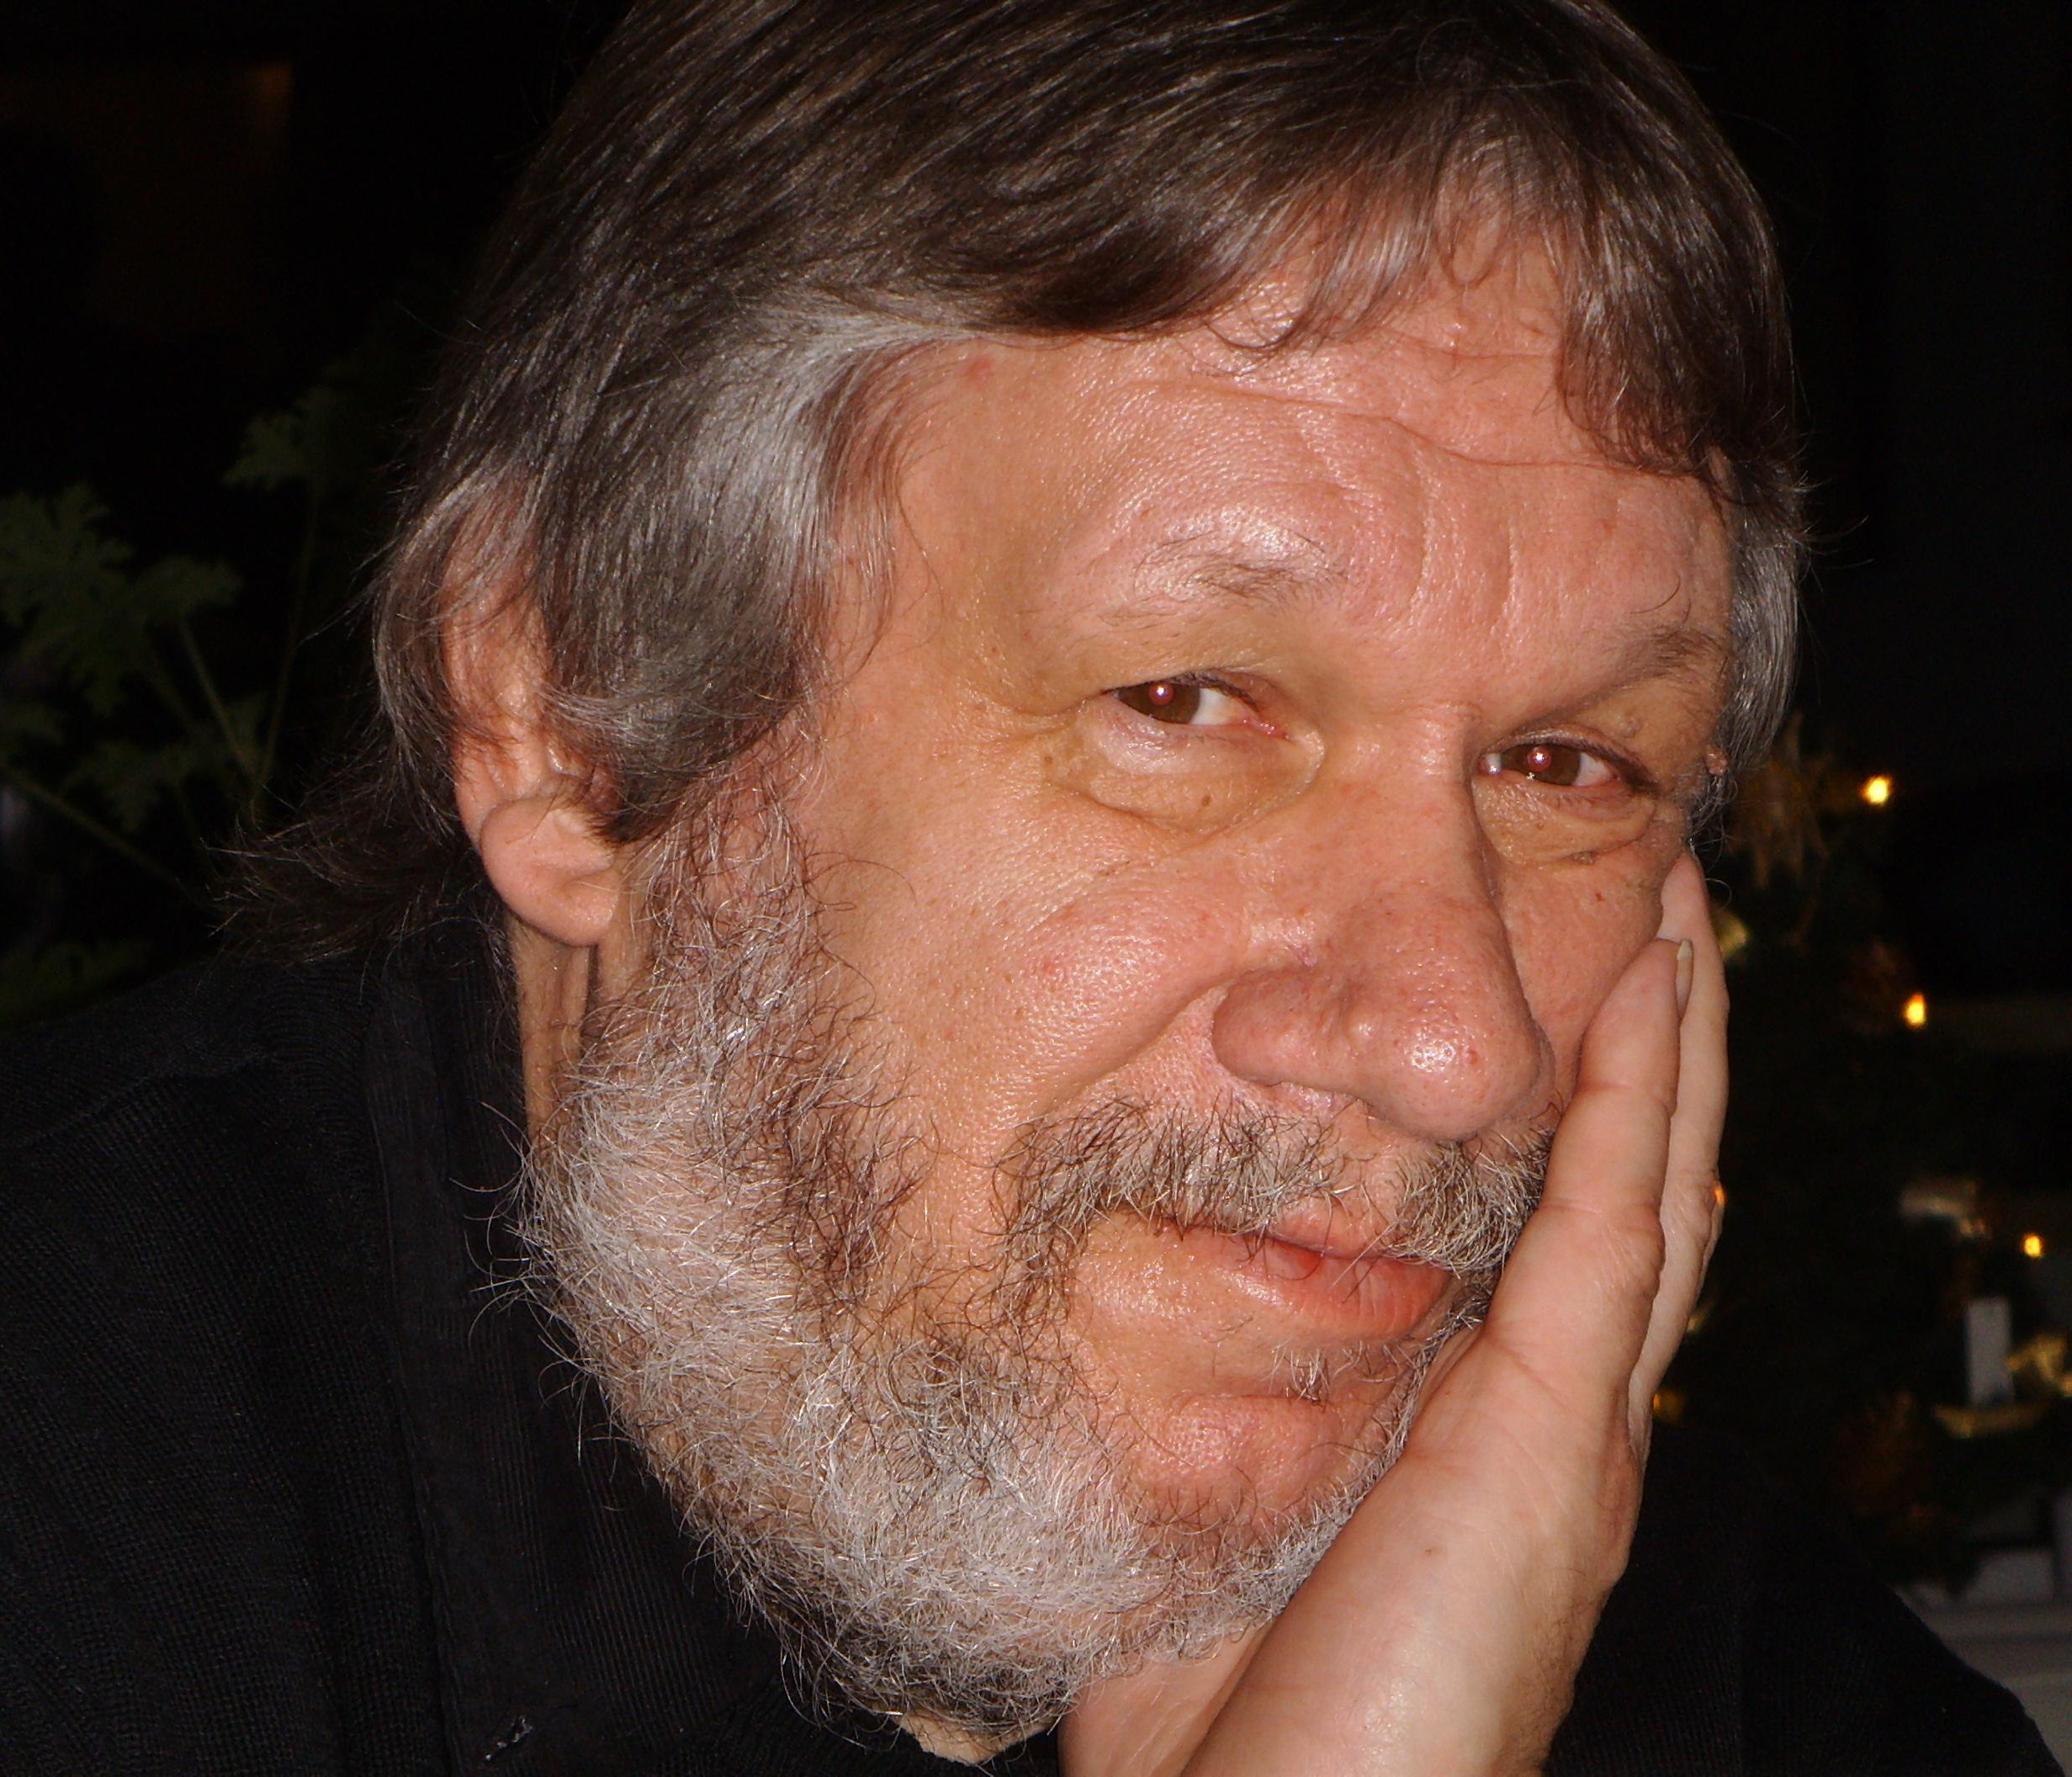 Werner Streletz